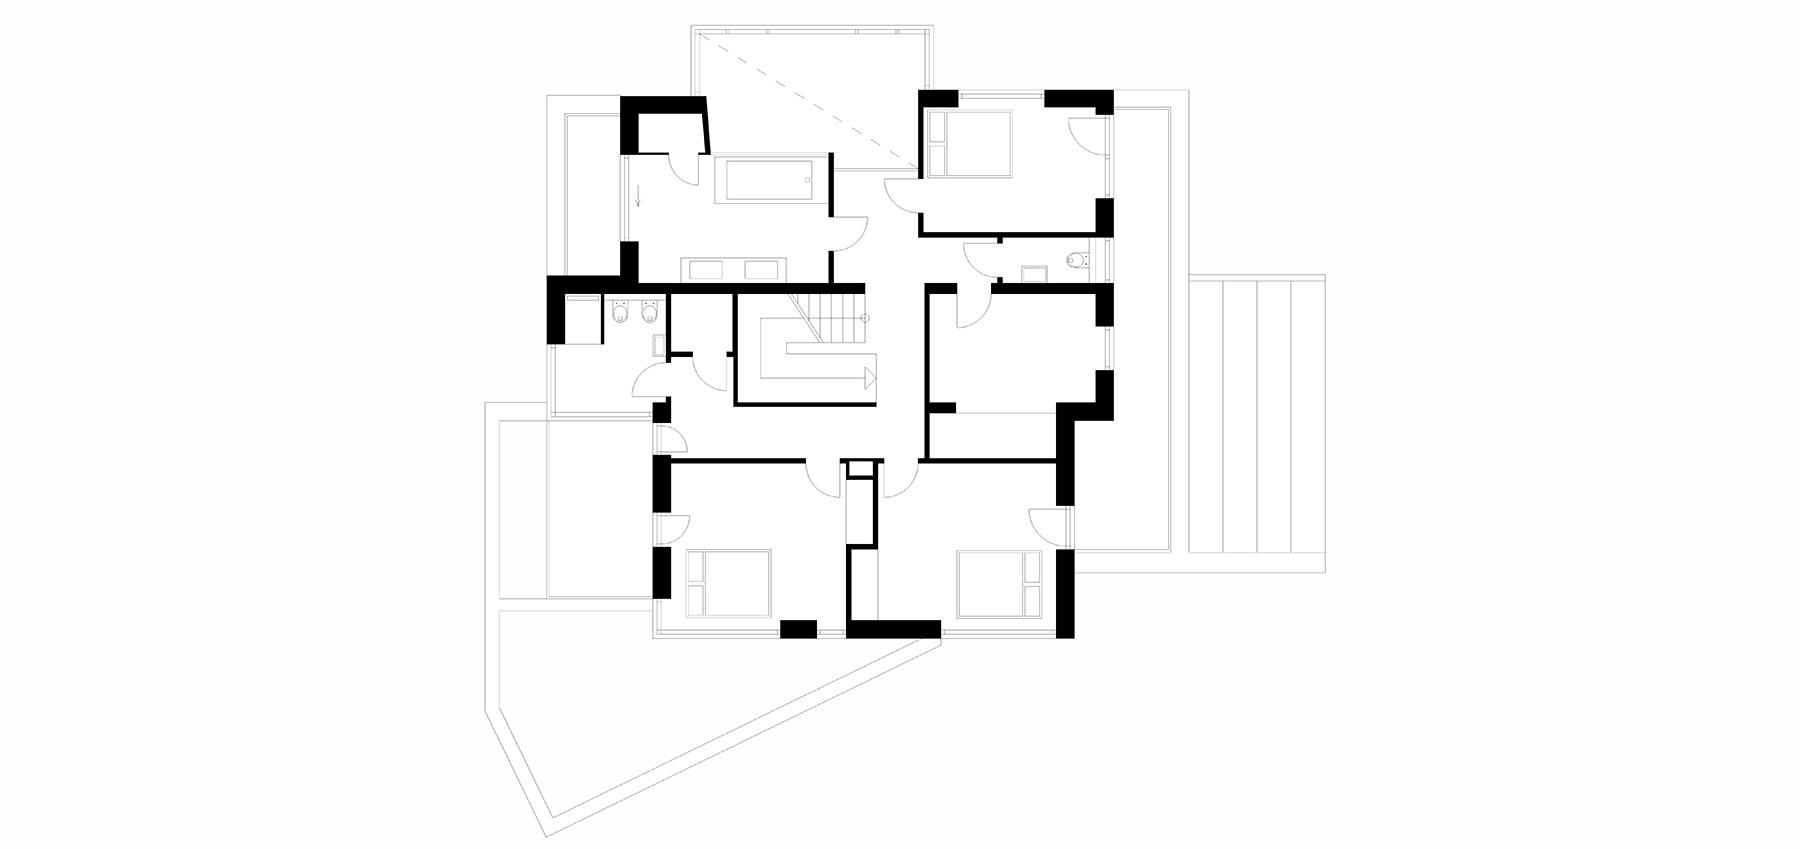 wunschhaus-haus-k14-Obergeschoss